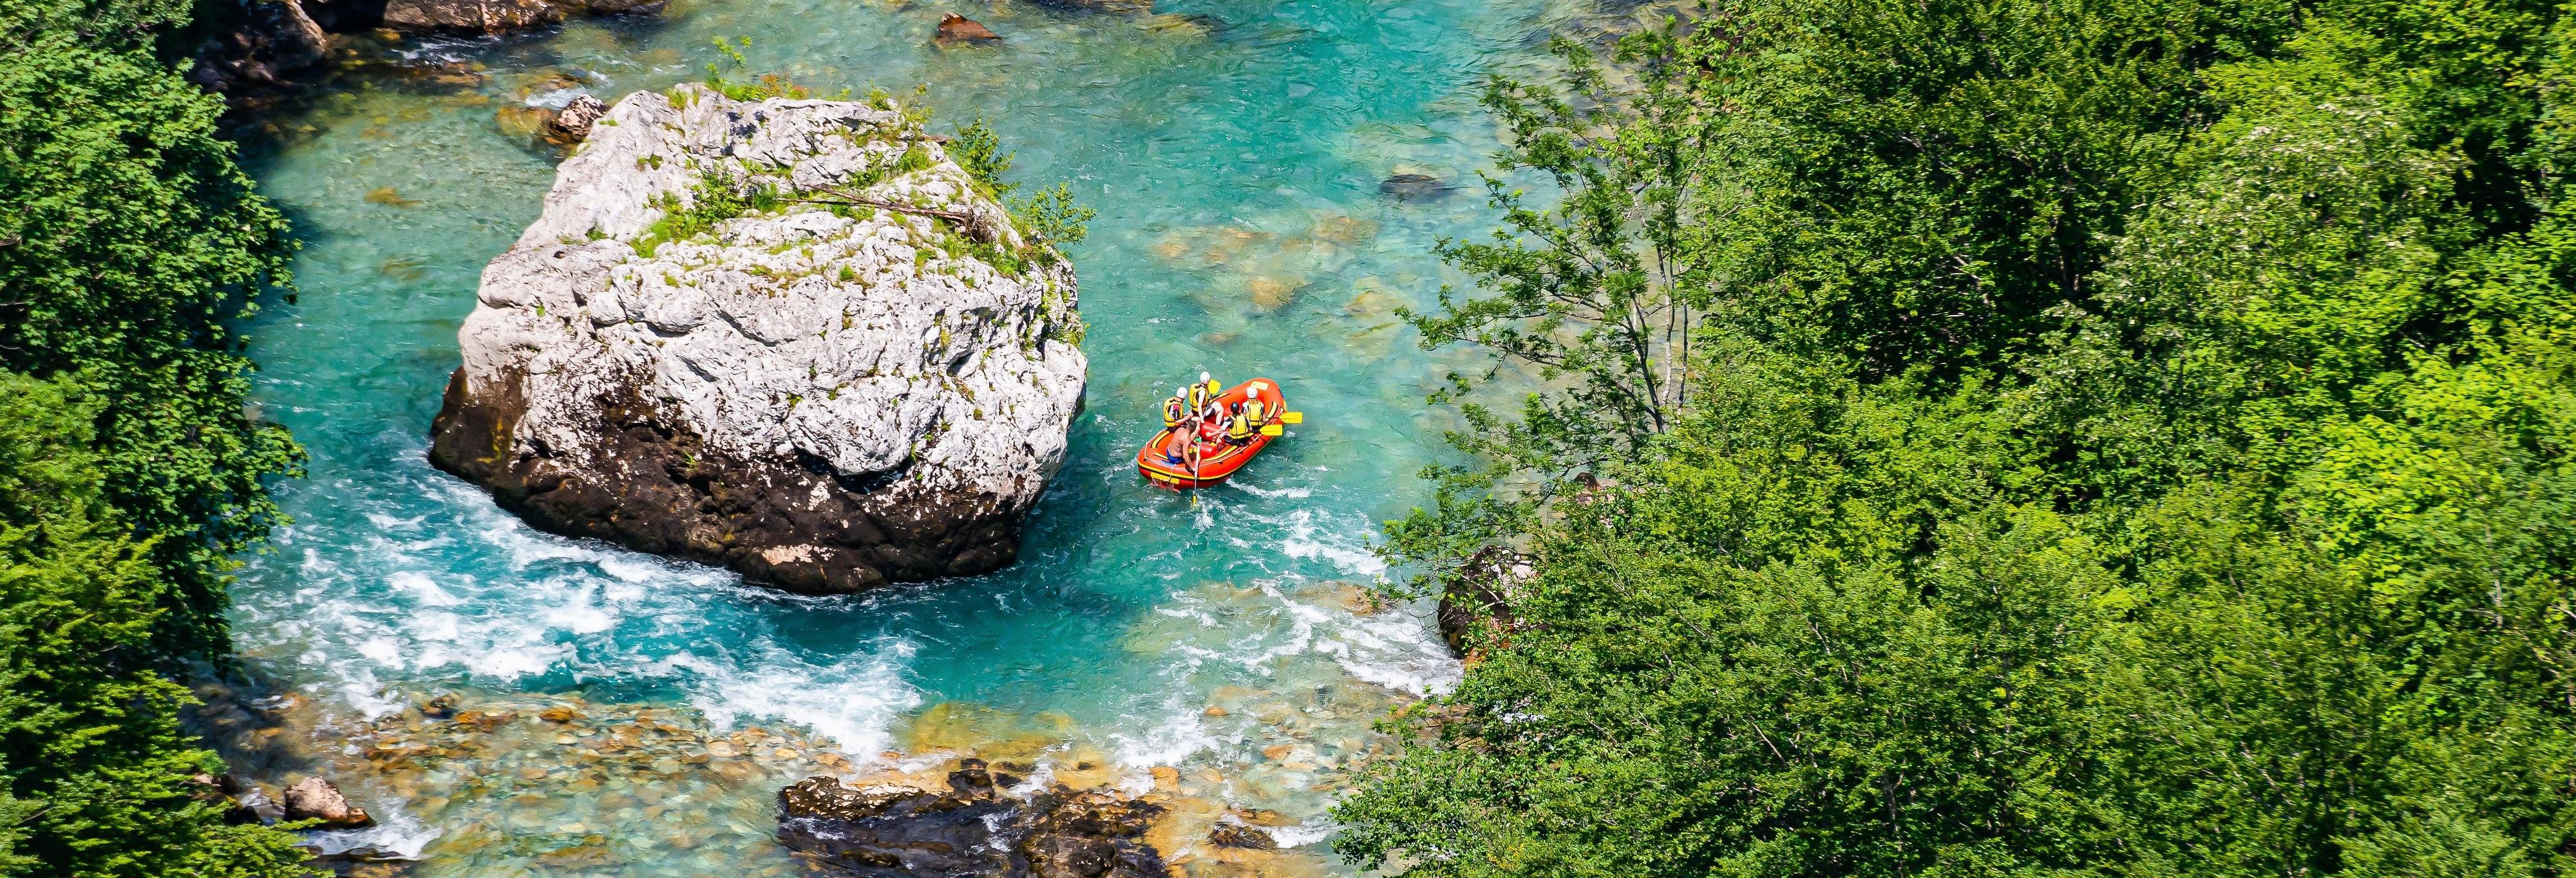 Tara River Rafting & Zip Line